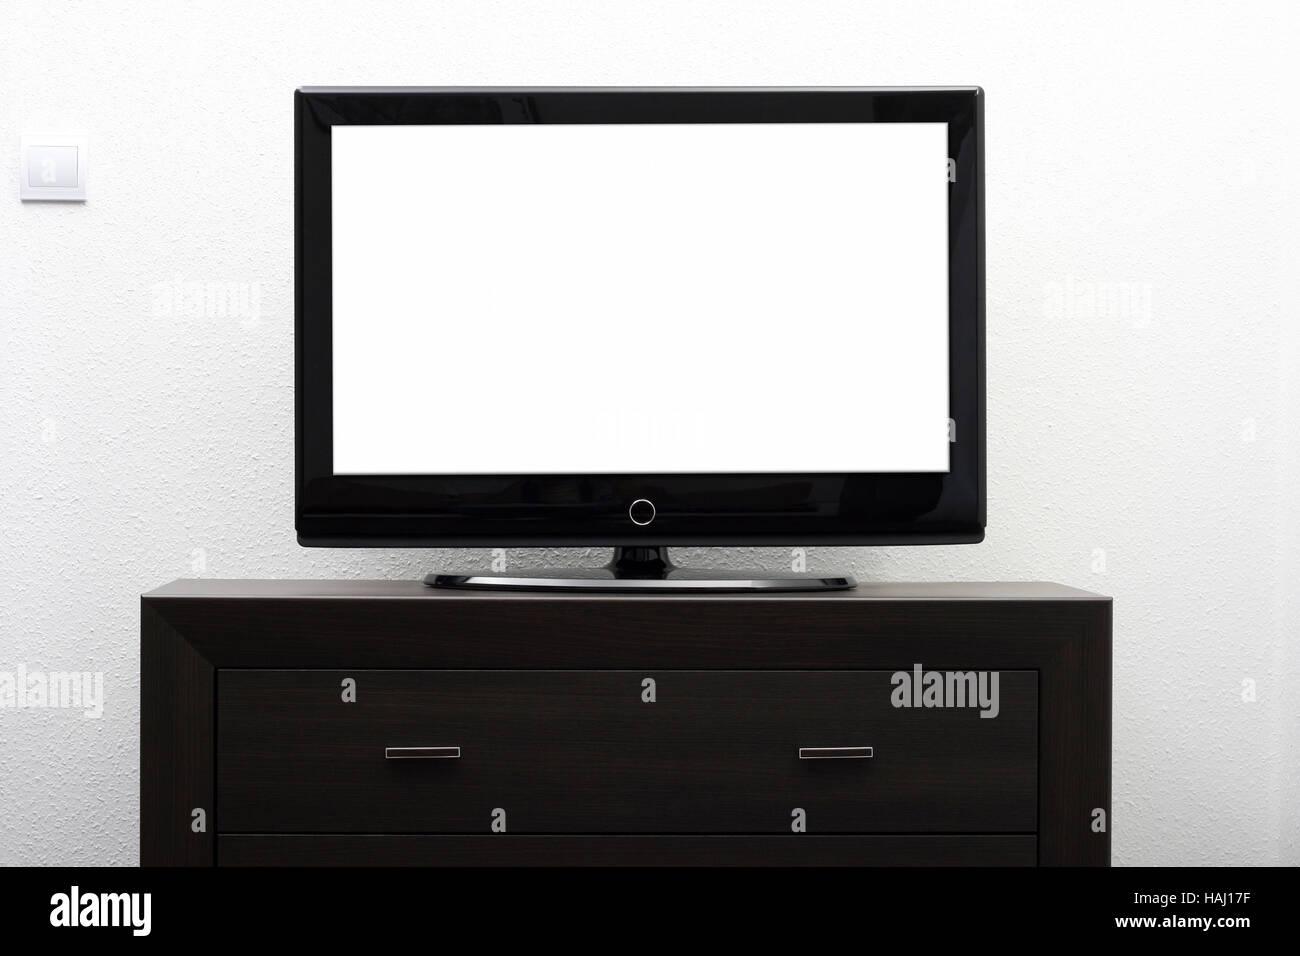 Tv Bildschirm Auf Braune Kommode Gegen Weisse Wand Stockfoto Bild